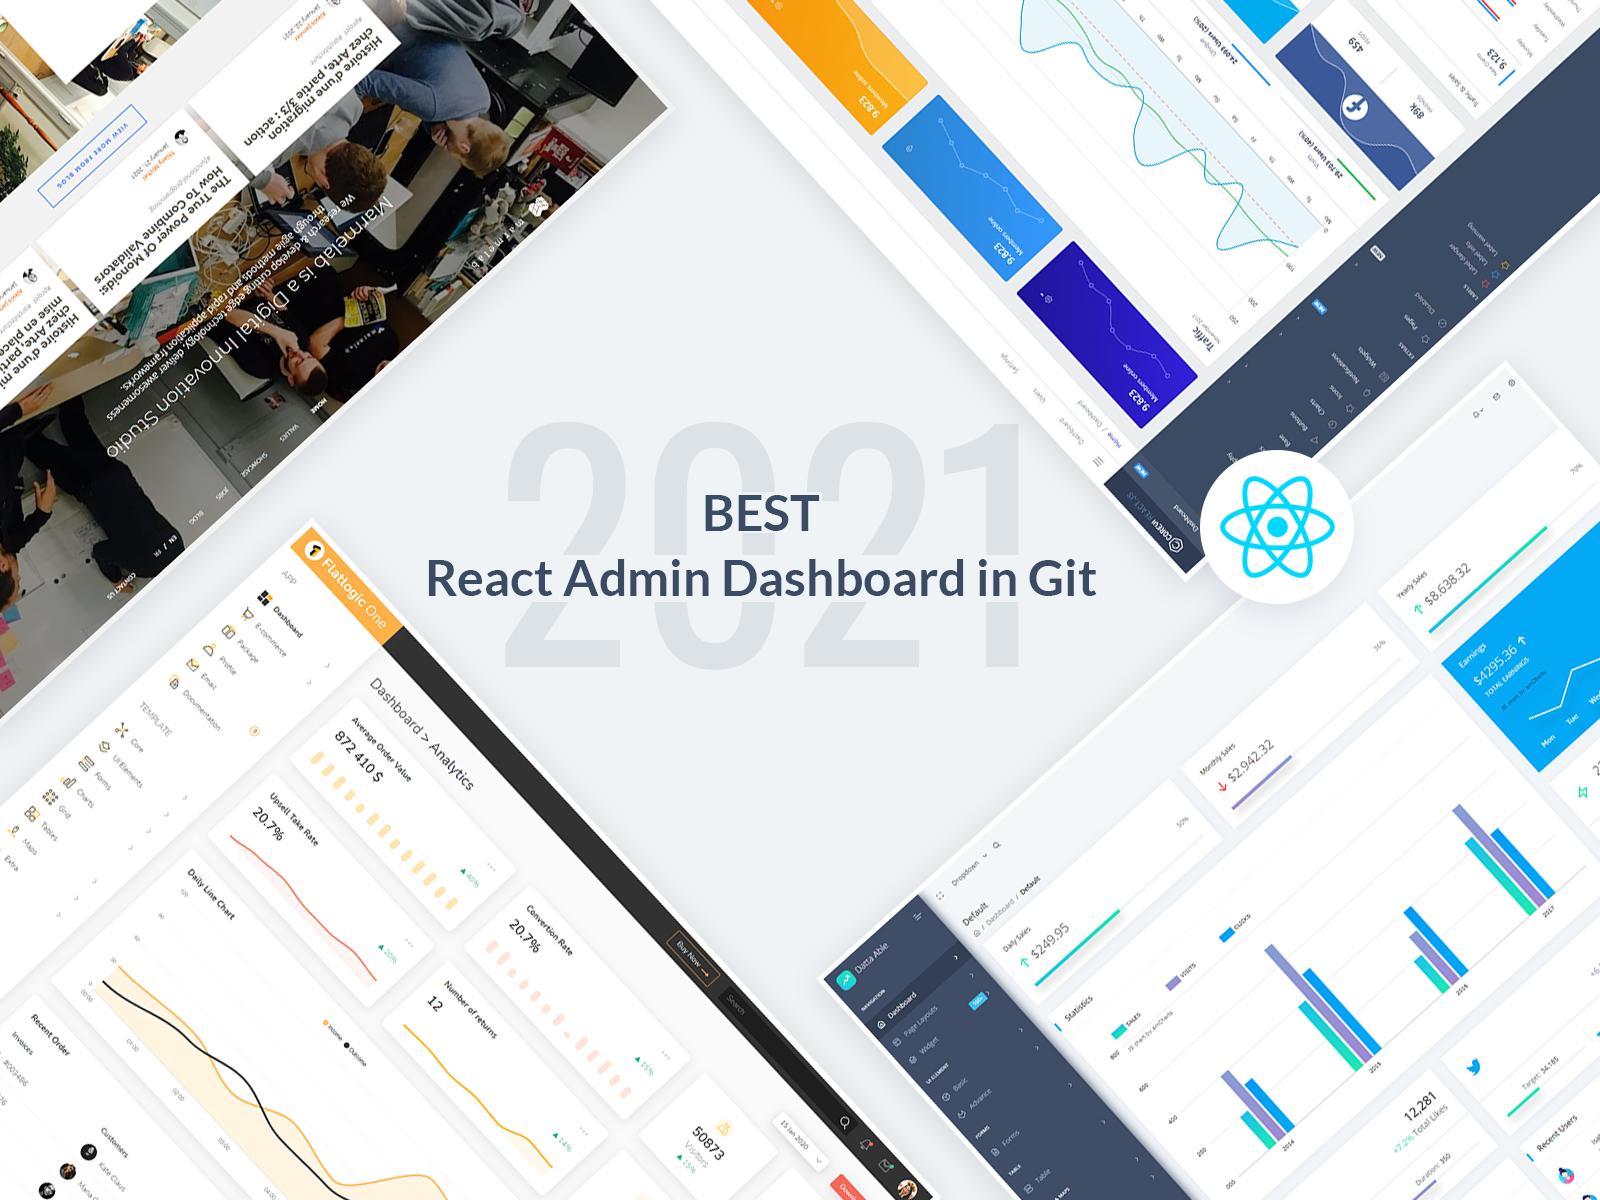 React Admin Dashboard in GitHub